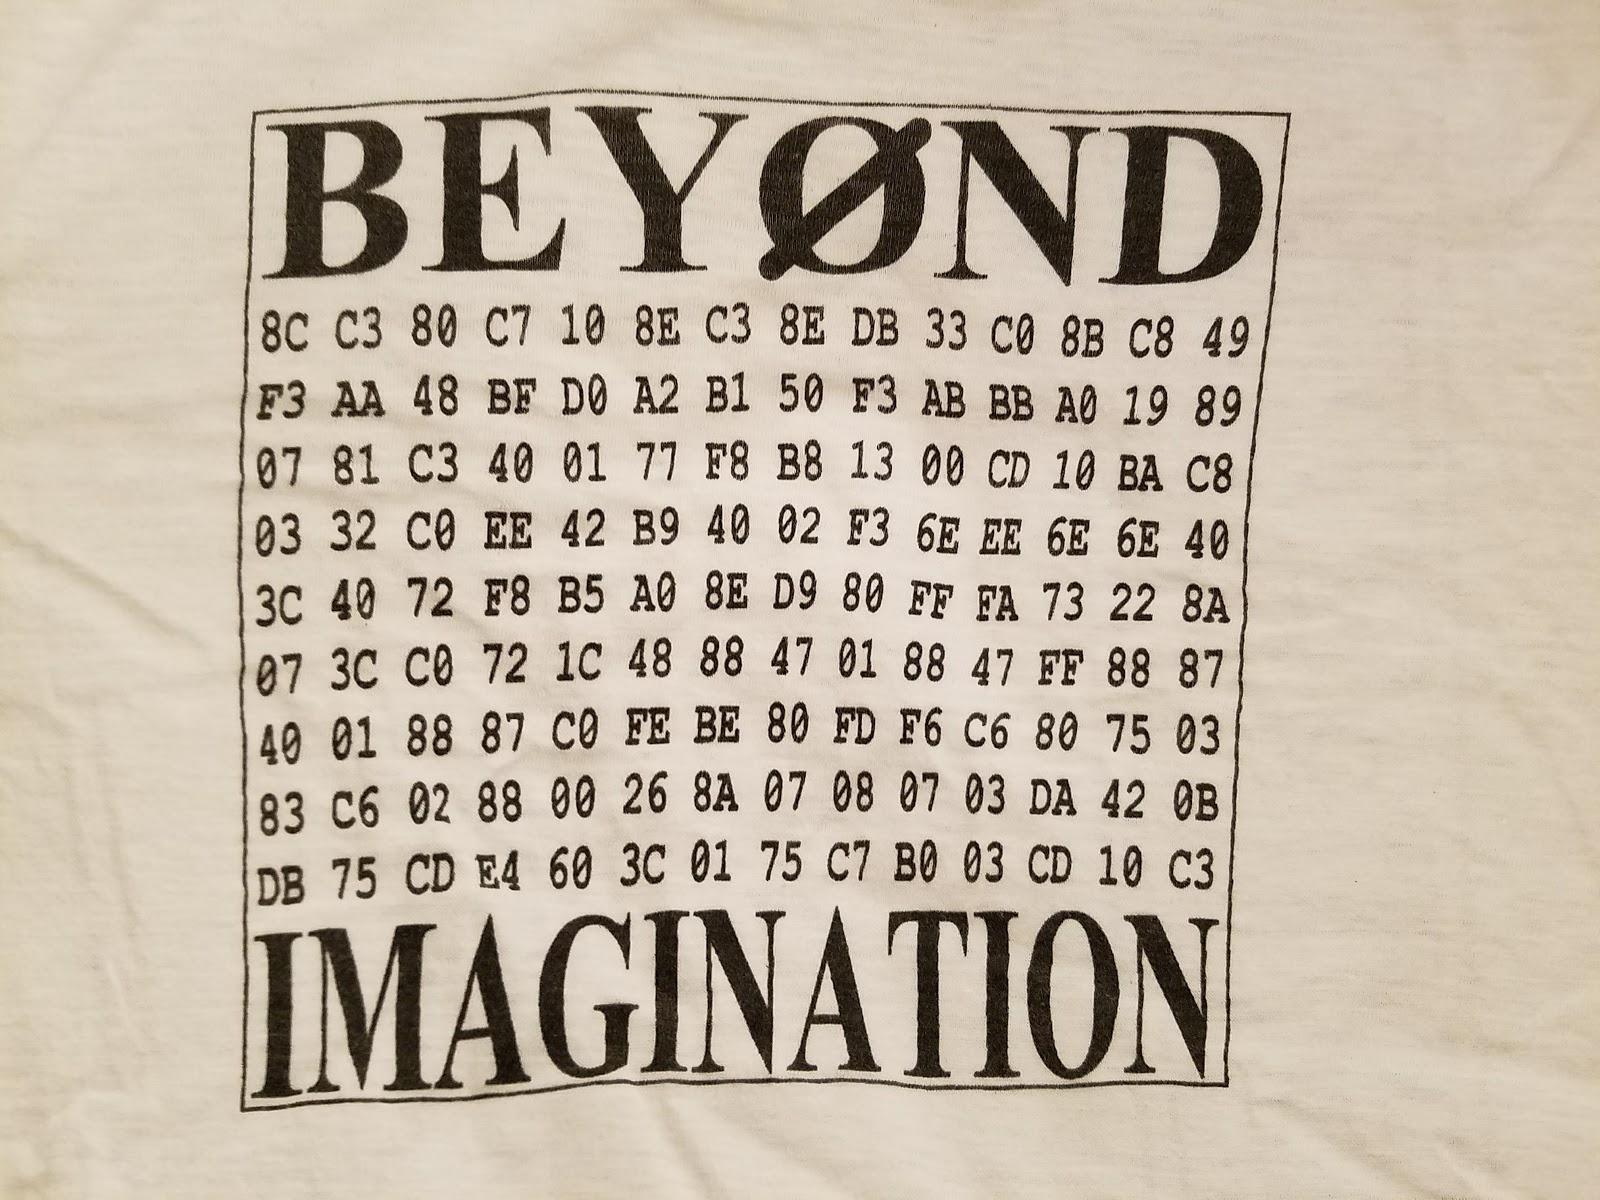 Пётр Соболев: «В отличие от анимации, демосцена подразумевает написание кода» - 16